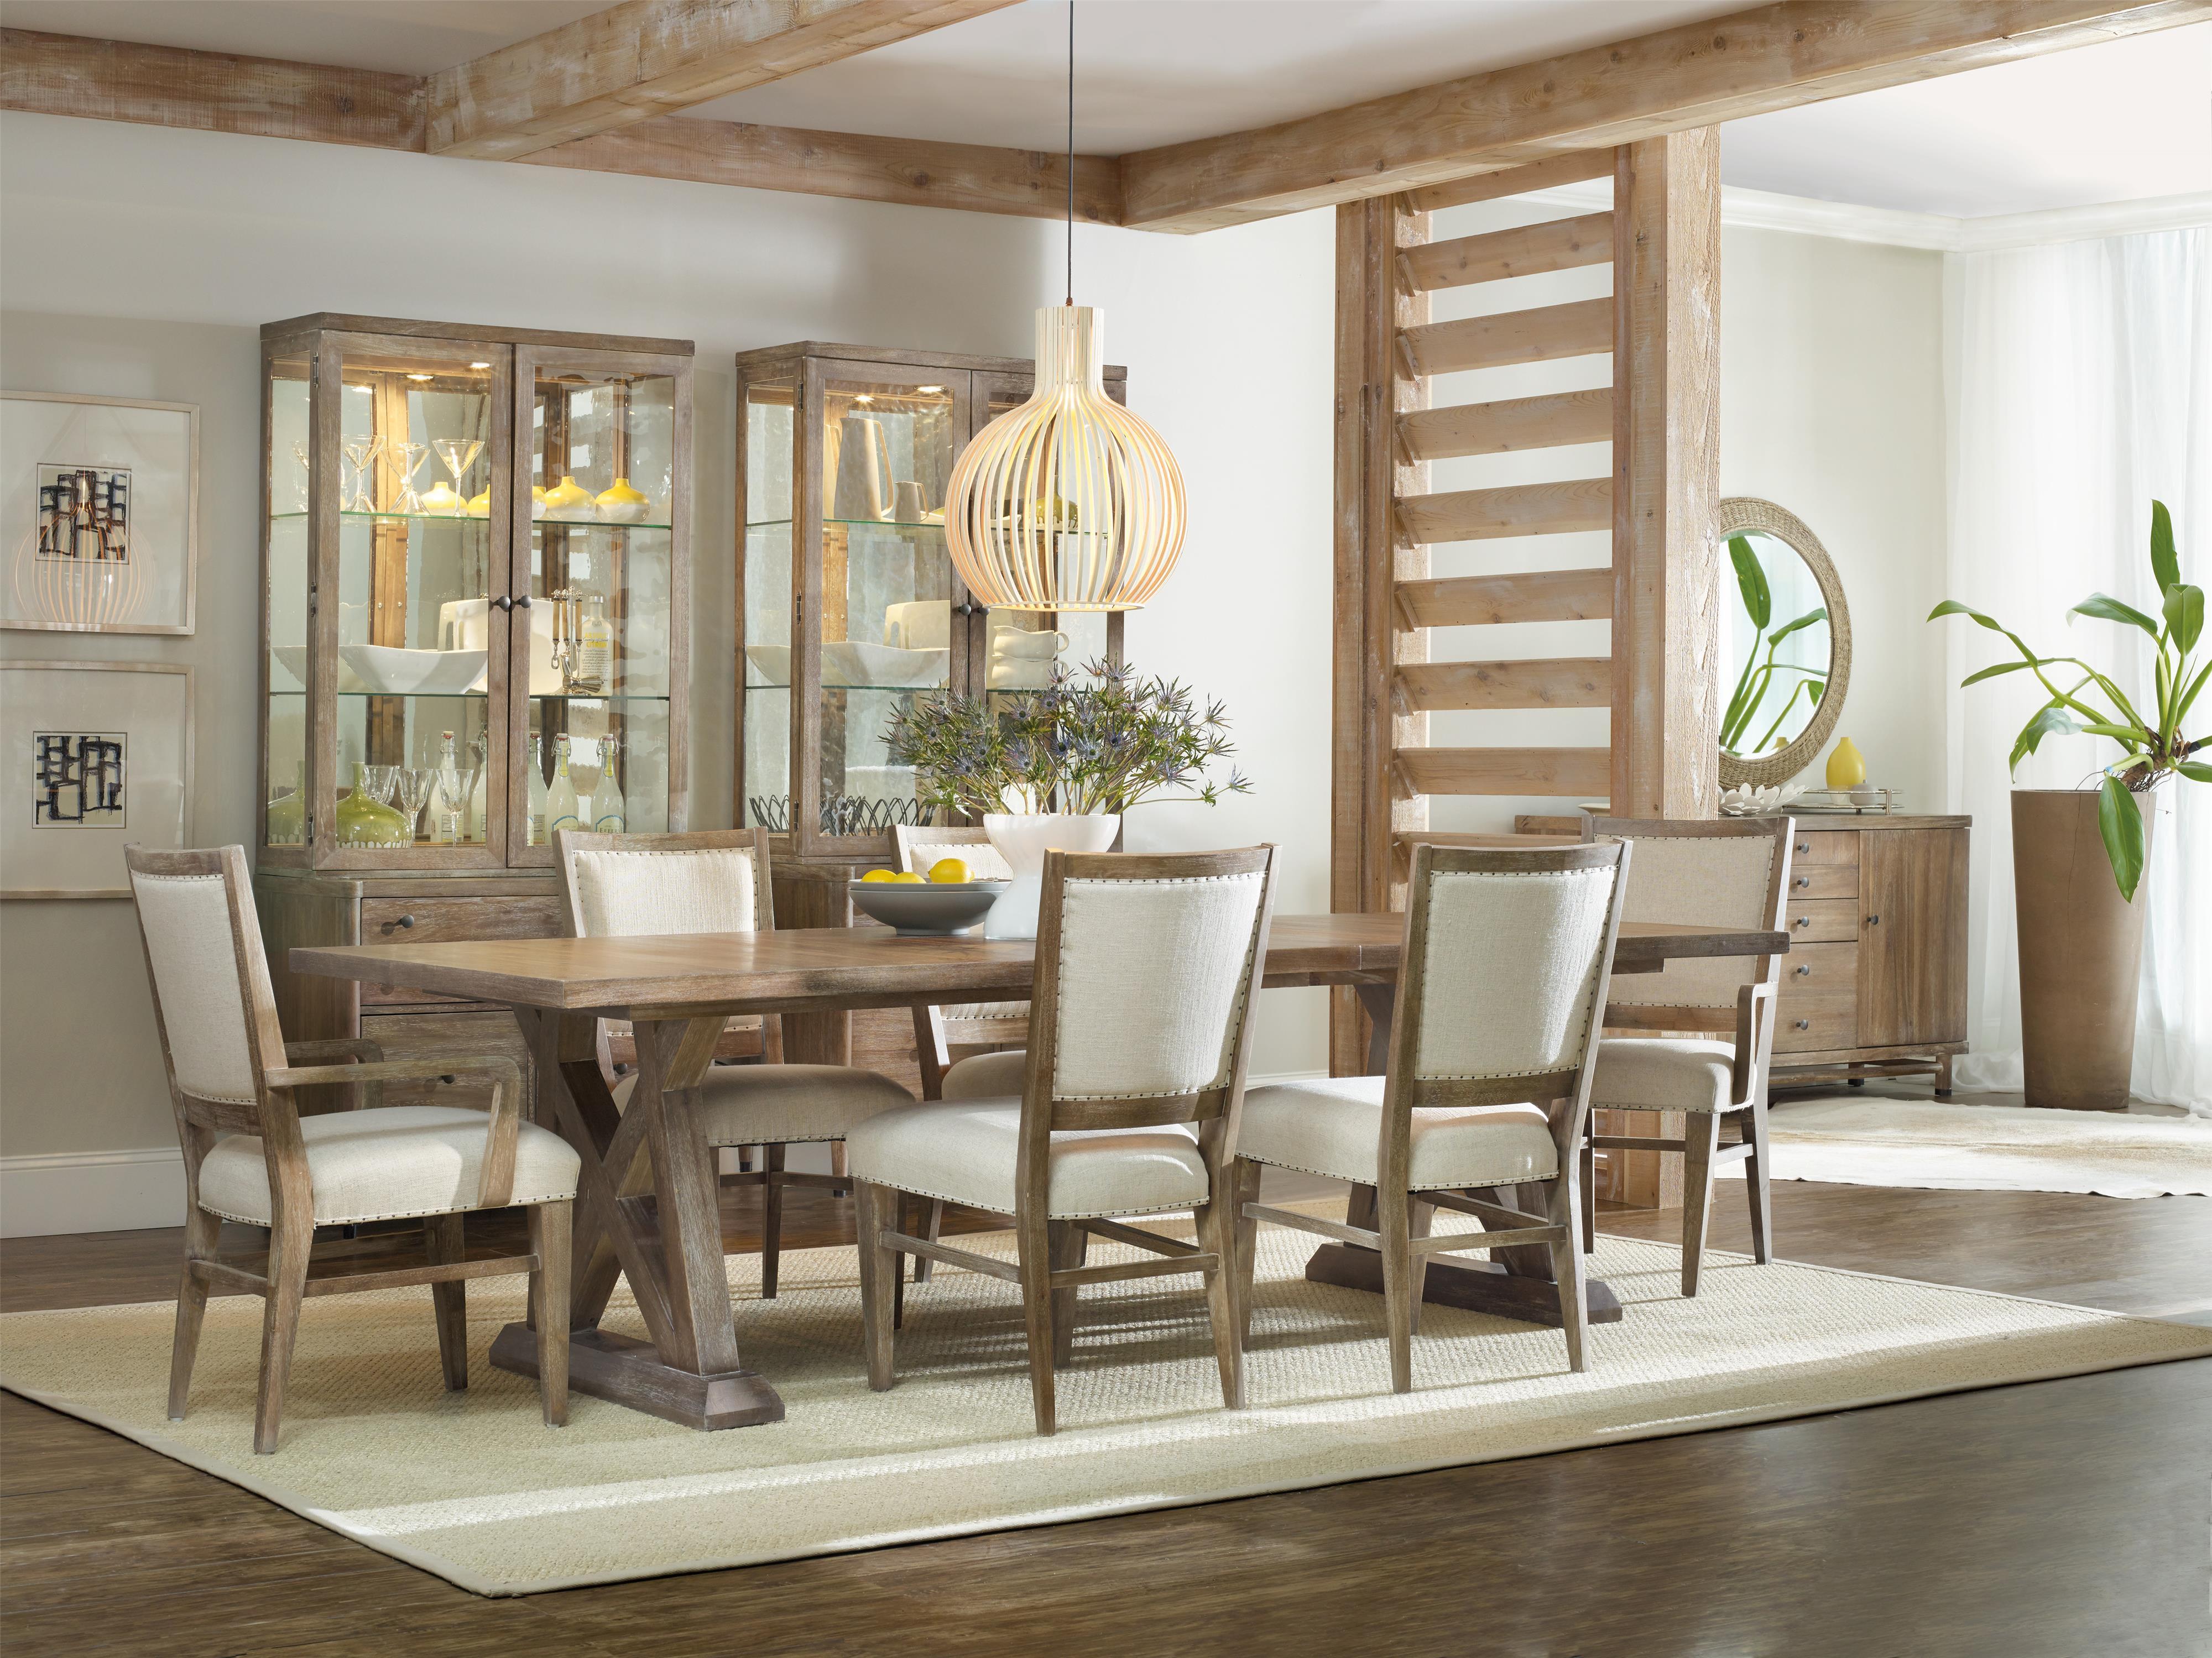 Hooker Furniture Studio 7H Formal Dining Room Group - Item Number: 5382 Dining Room Group 1